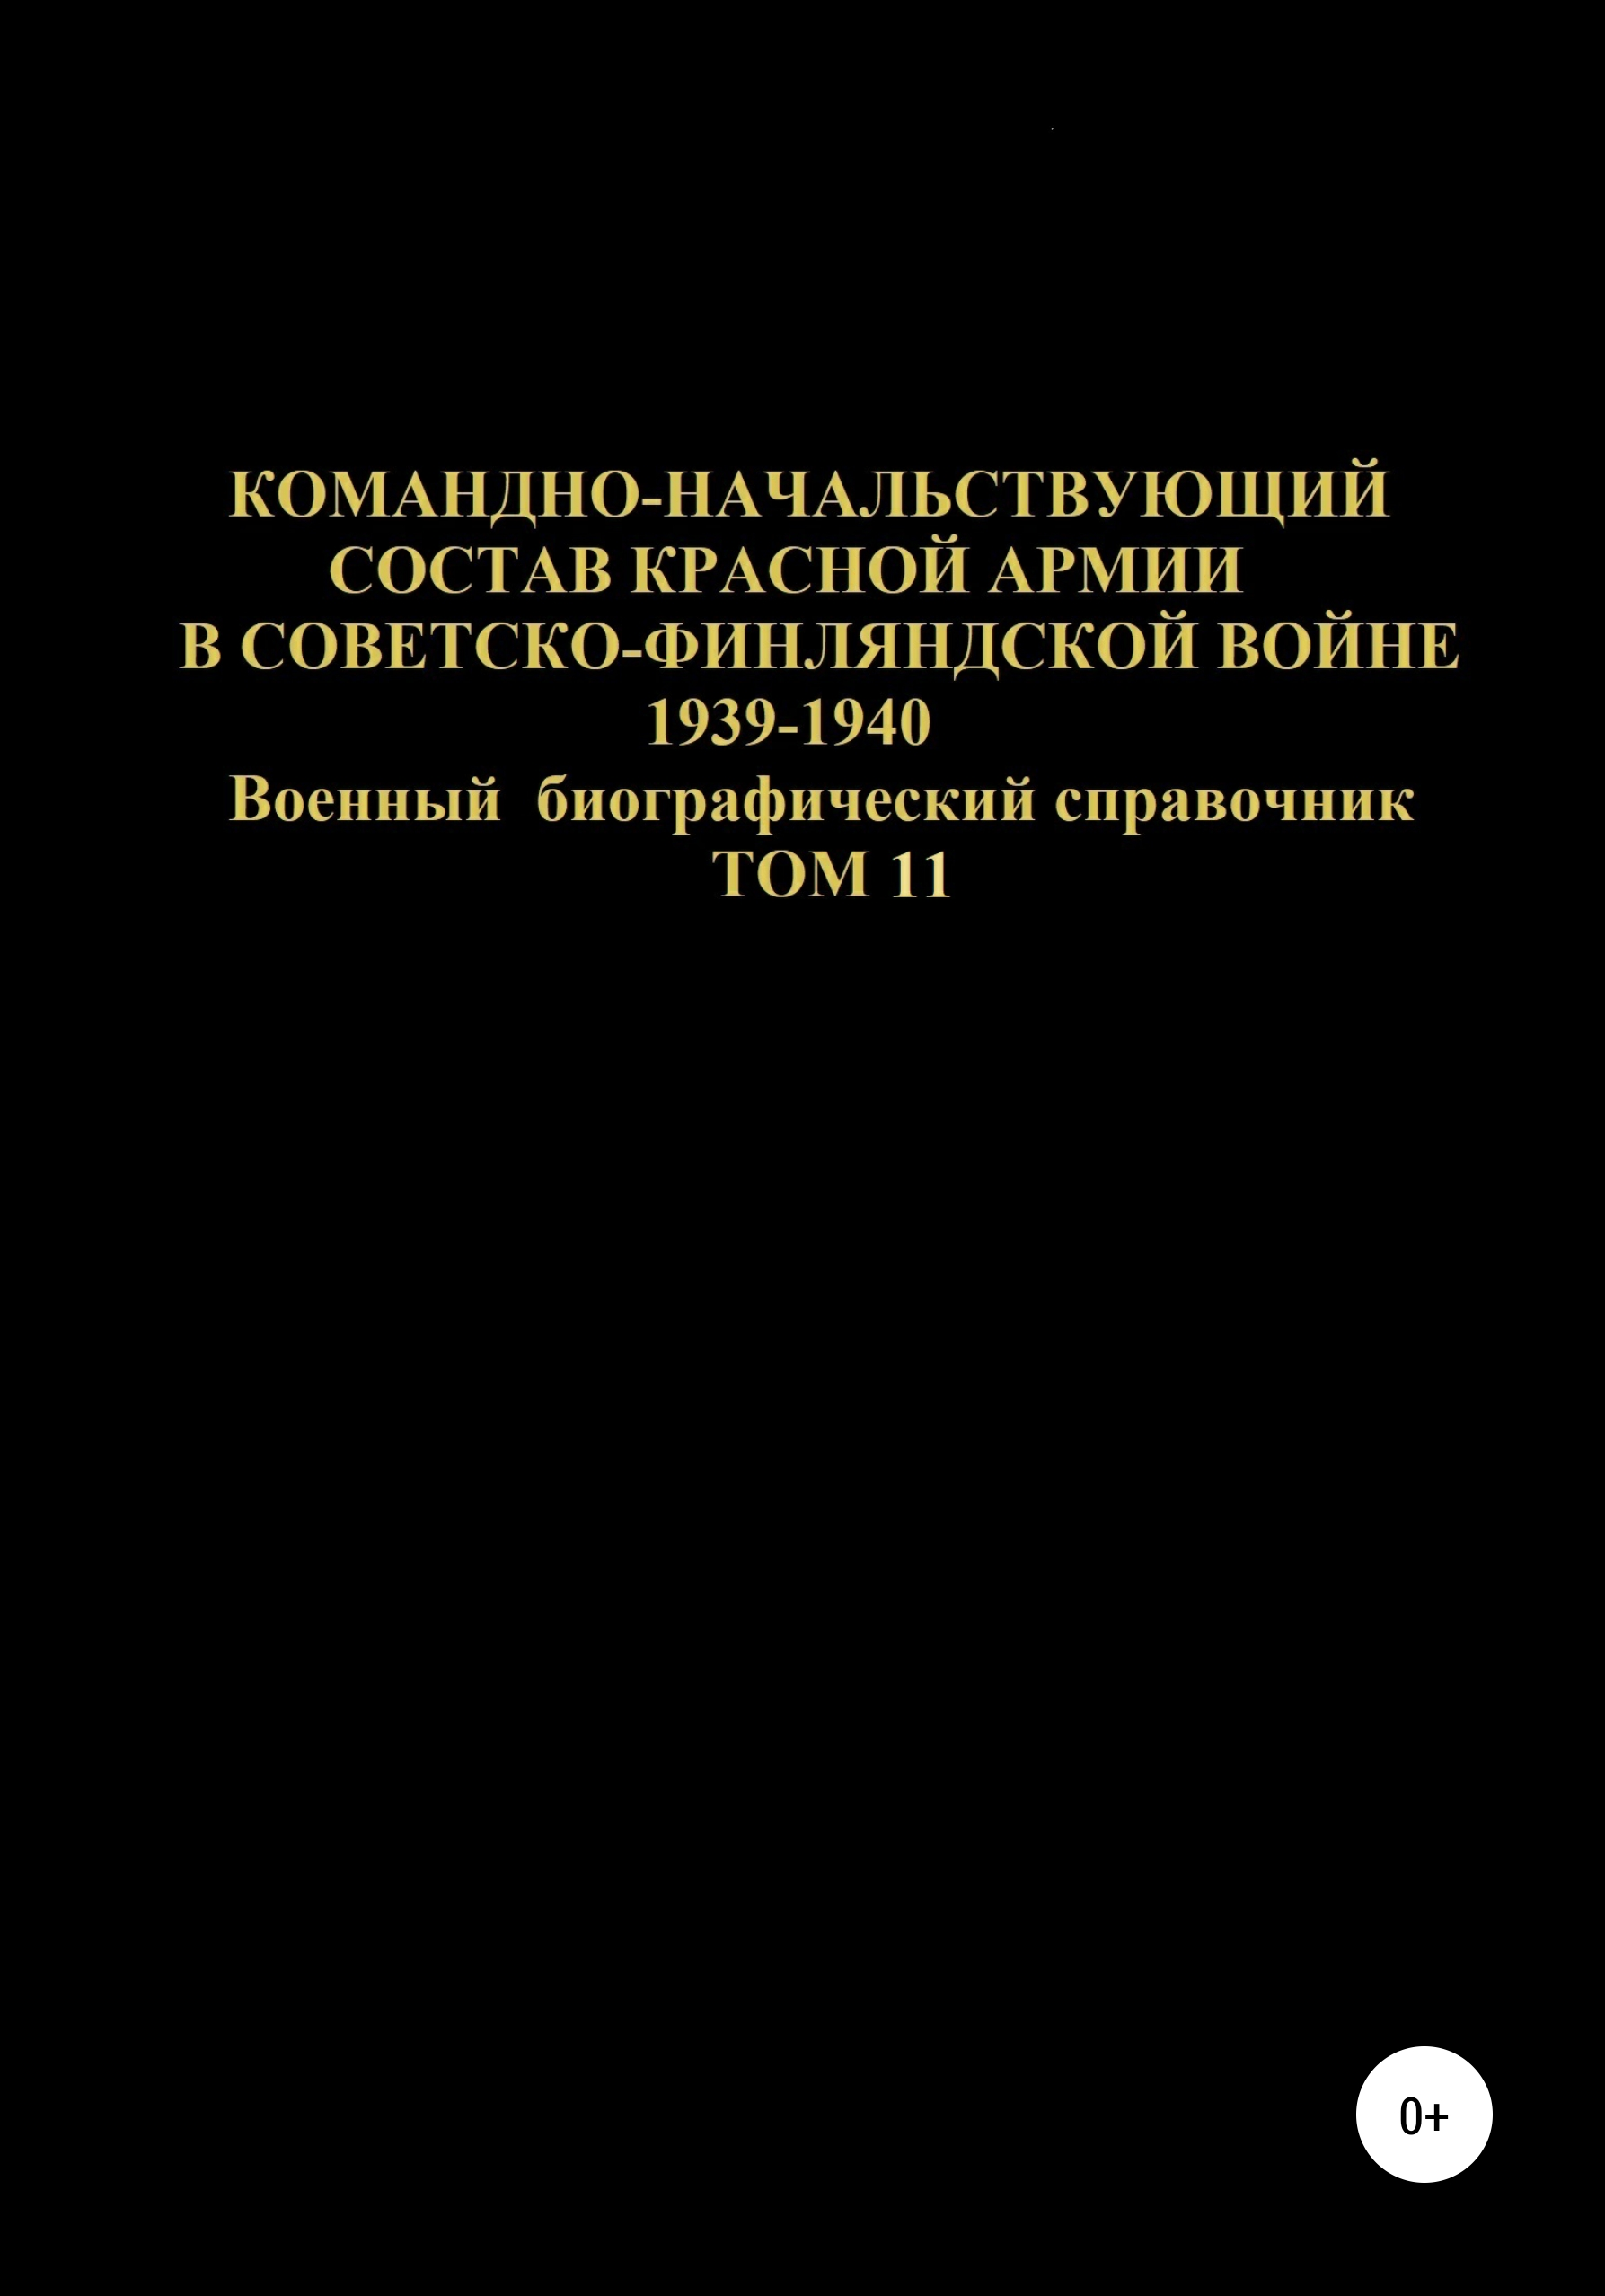 Купить книгу Командно-начальствующий состав Красной Армии в советско-финляндской войне 1939-1940 гг. Том 11, автора Дениса Юрьевича Соловьева